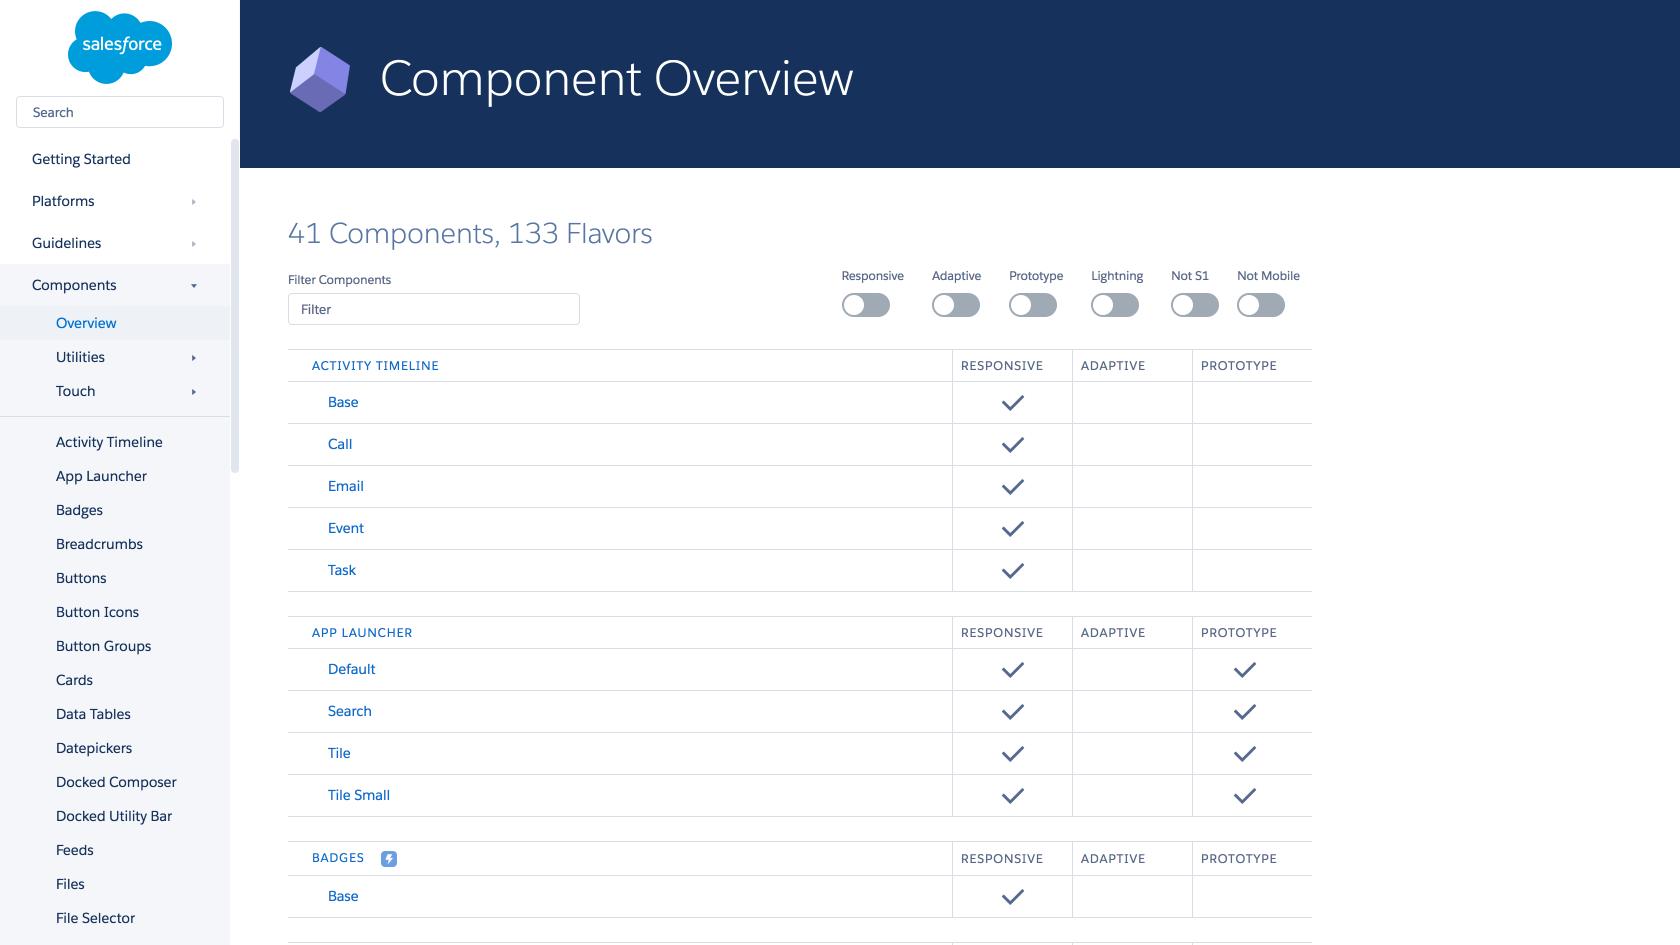 Sistema de diseño de Salesforce con componentes comunes y sus usos